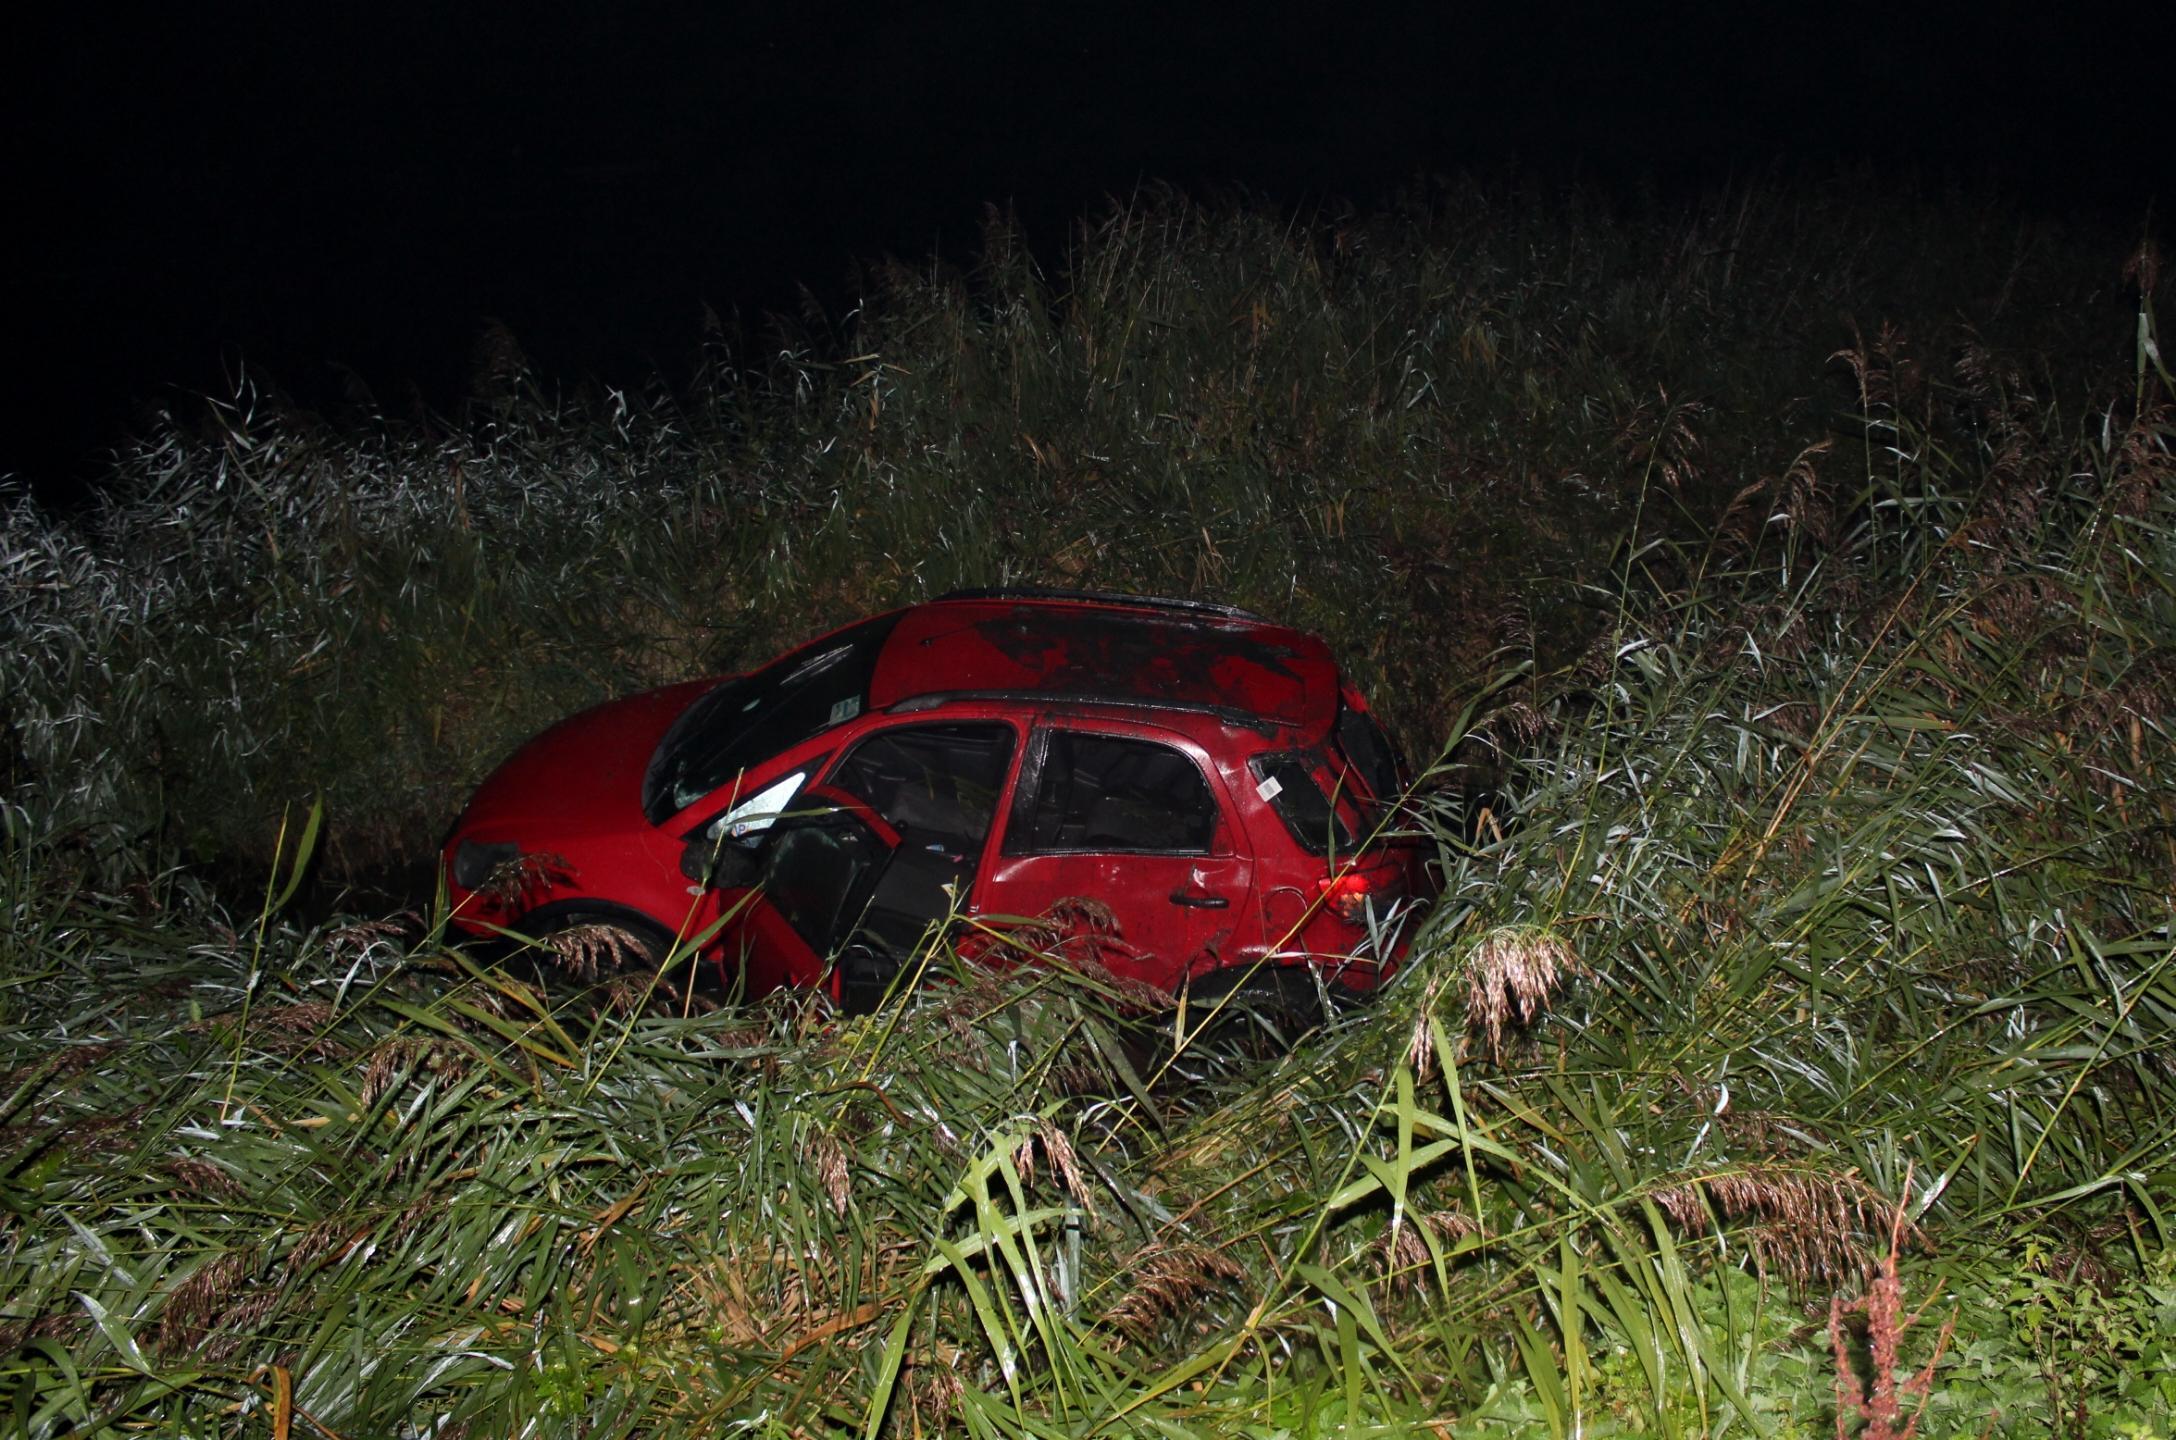 Jonge automobilist met slok op rijdt sloot in bij Schellinkhout